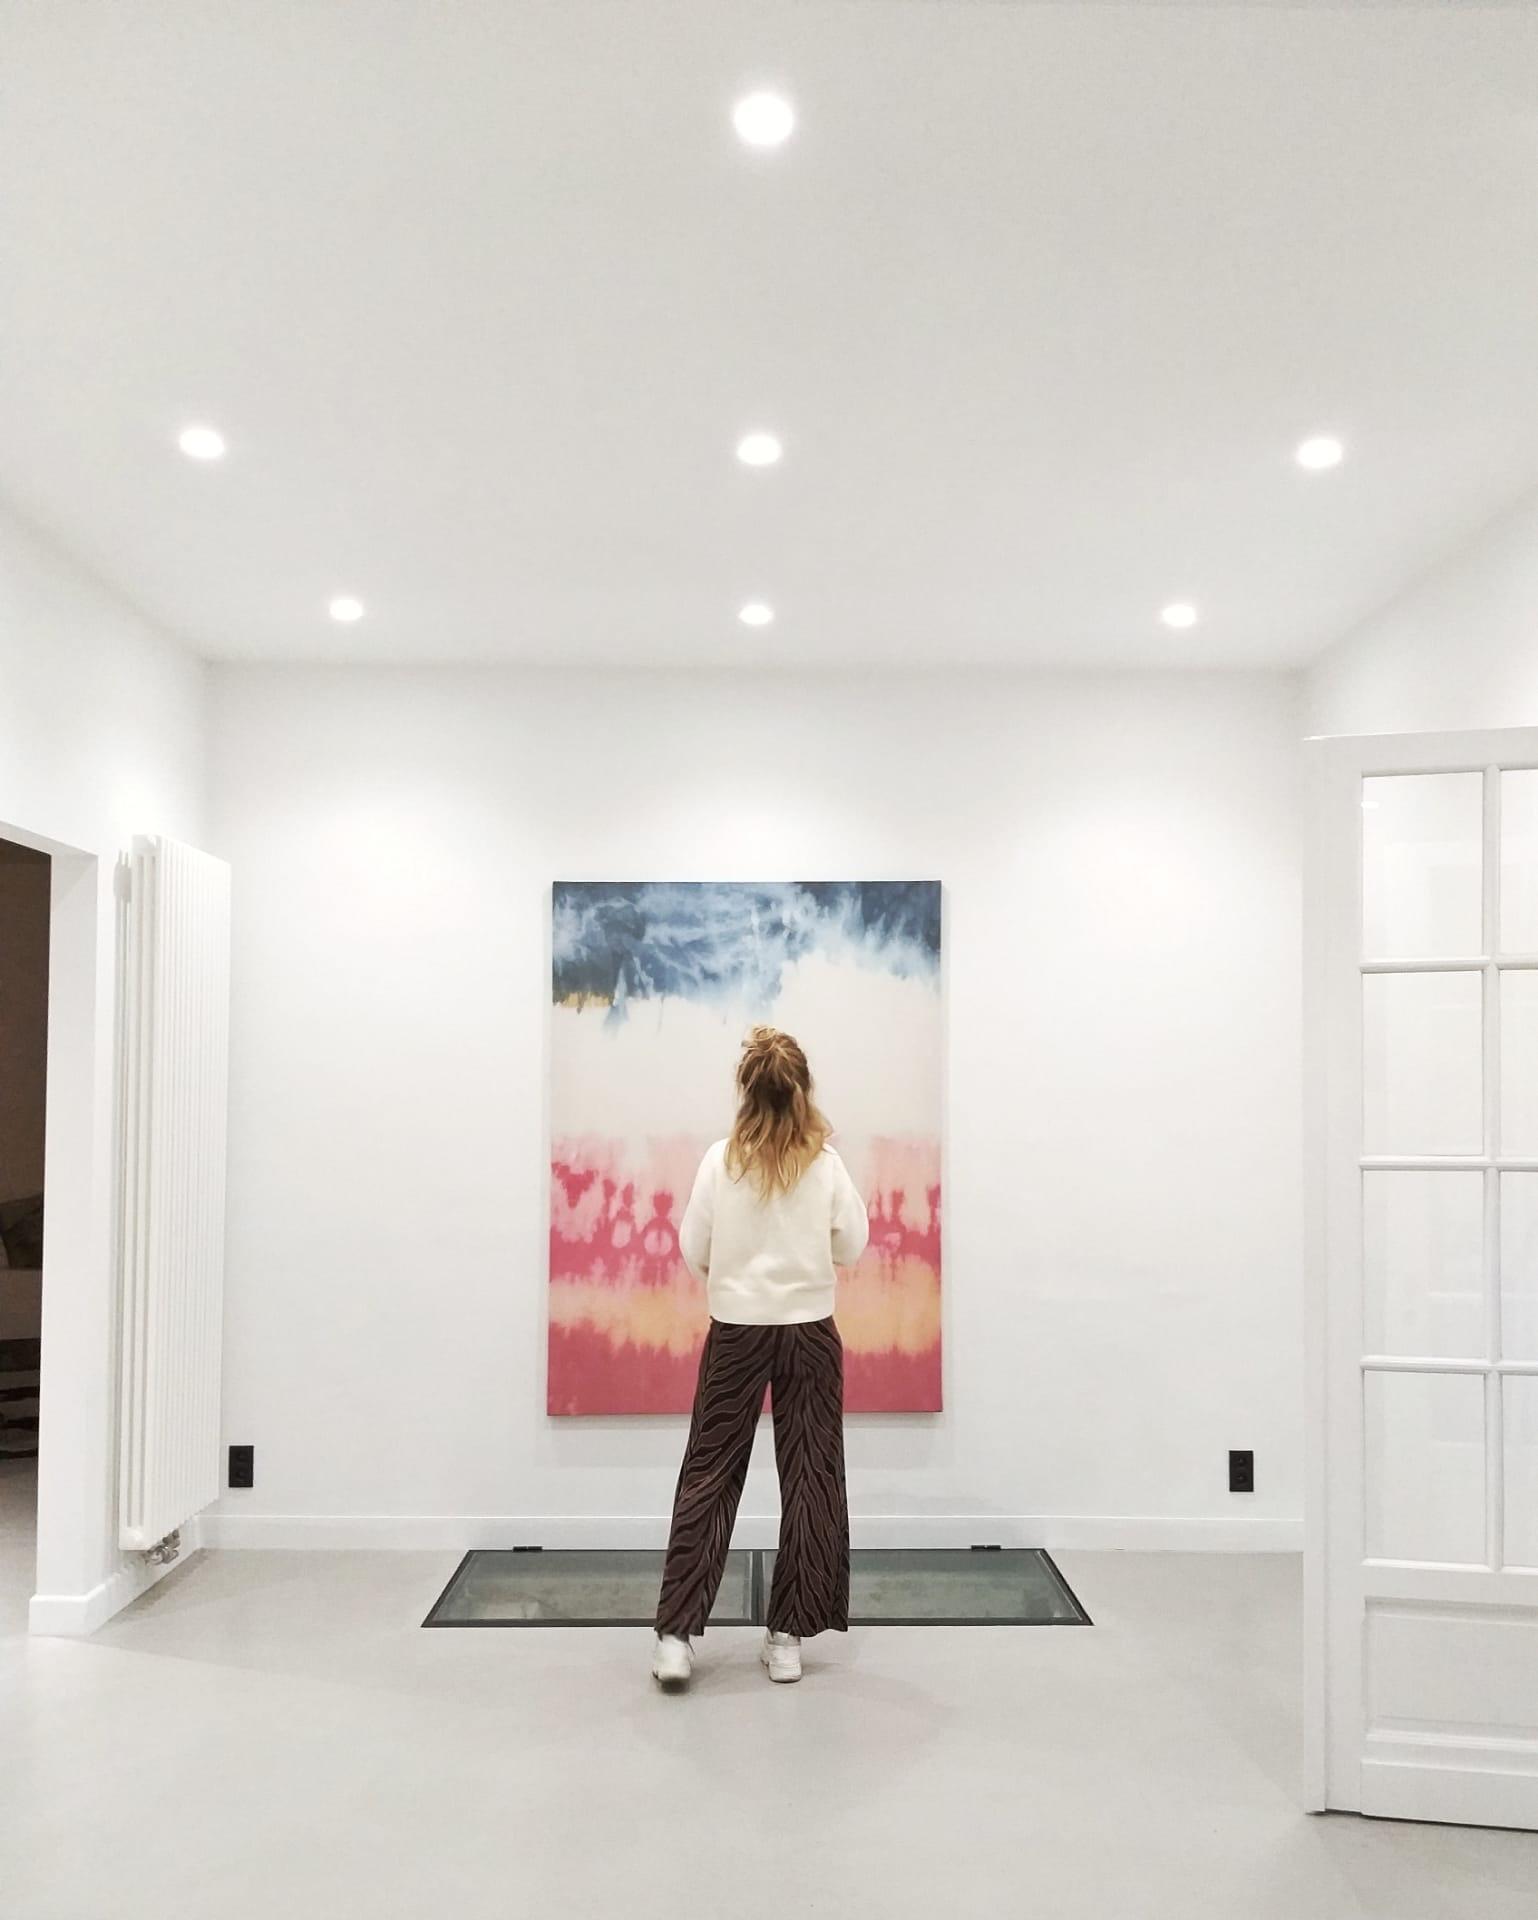 Vergaderruimte met schilderij van Studio Spruyt.